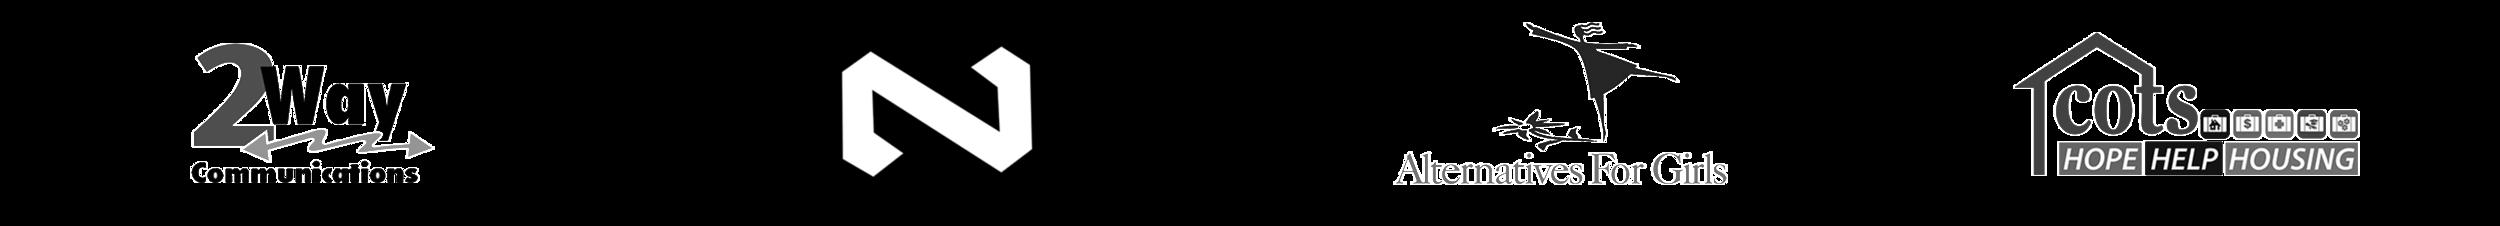 partners-logos-01.png